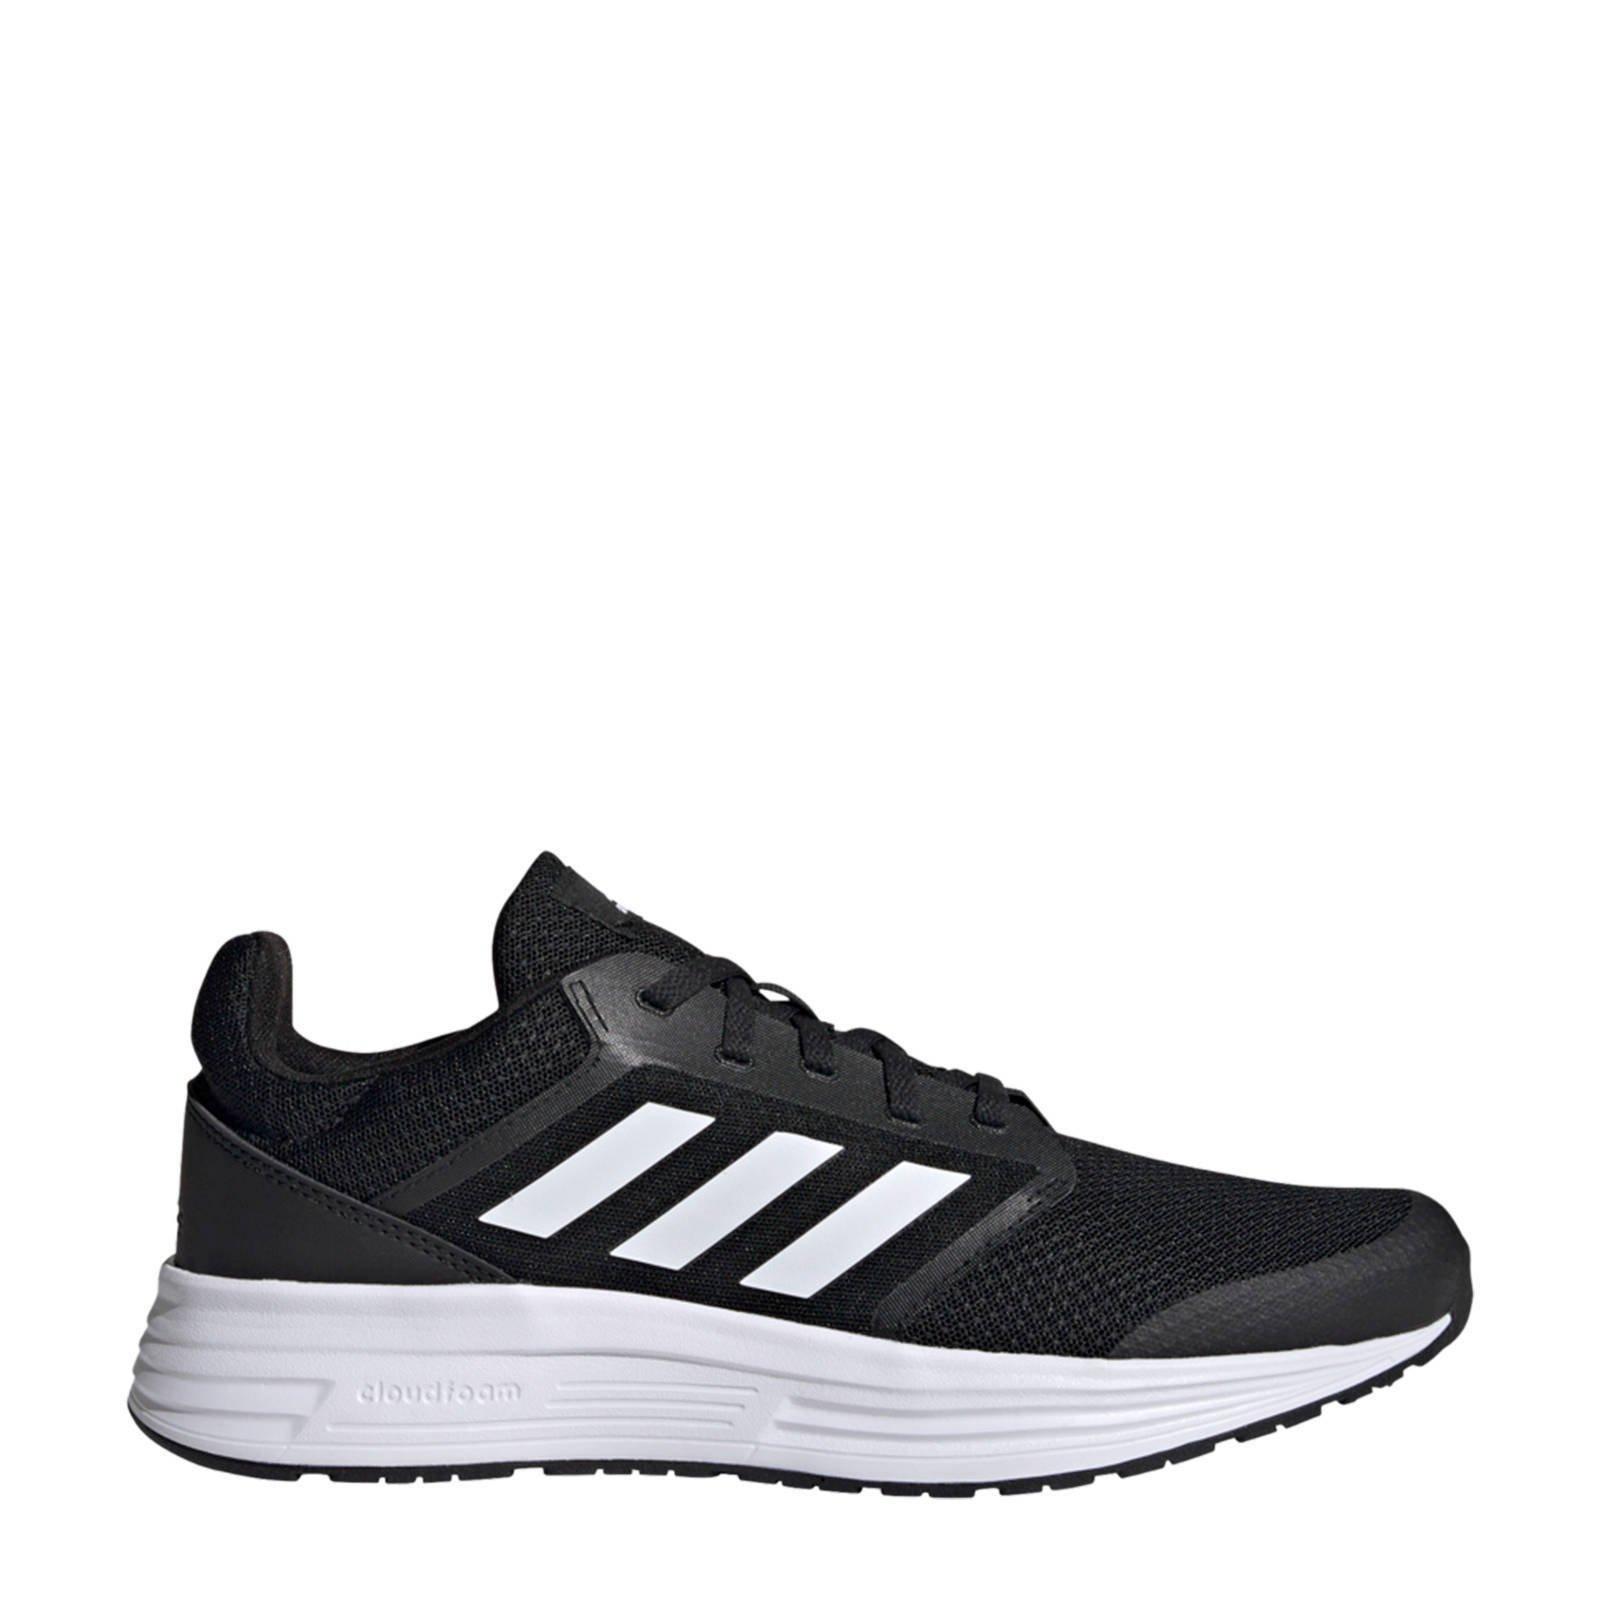 Adidas Performance Galaxy 5 hardloopschoenen zwart/wit online kopen